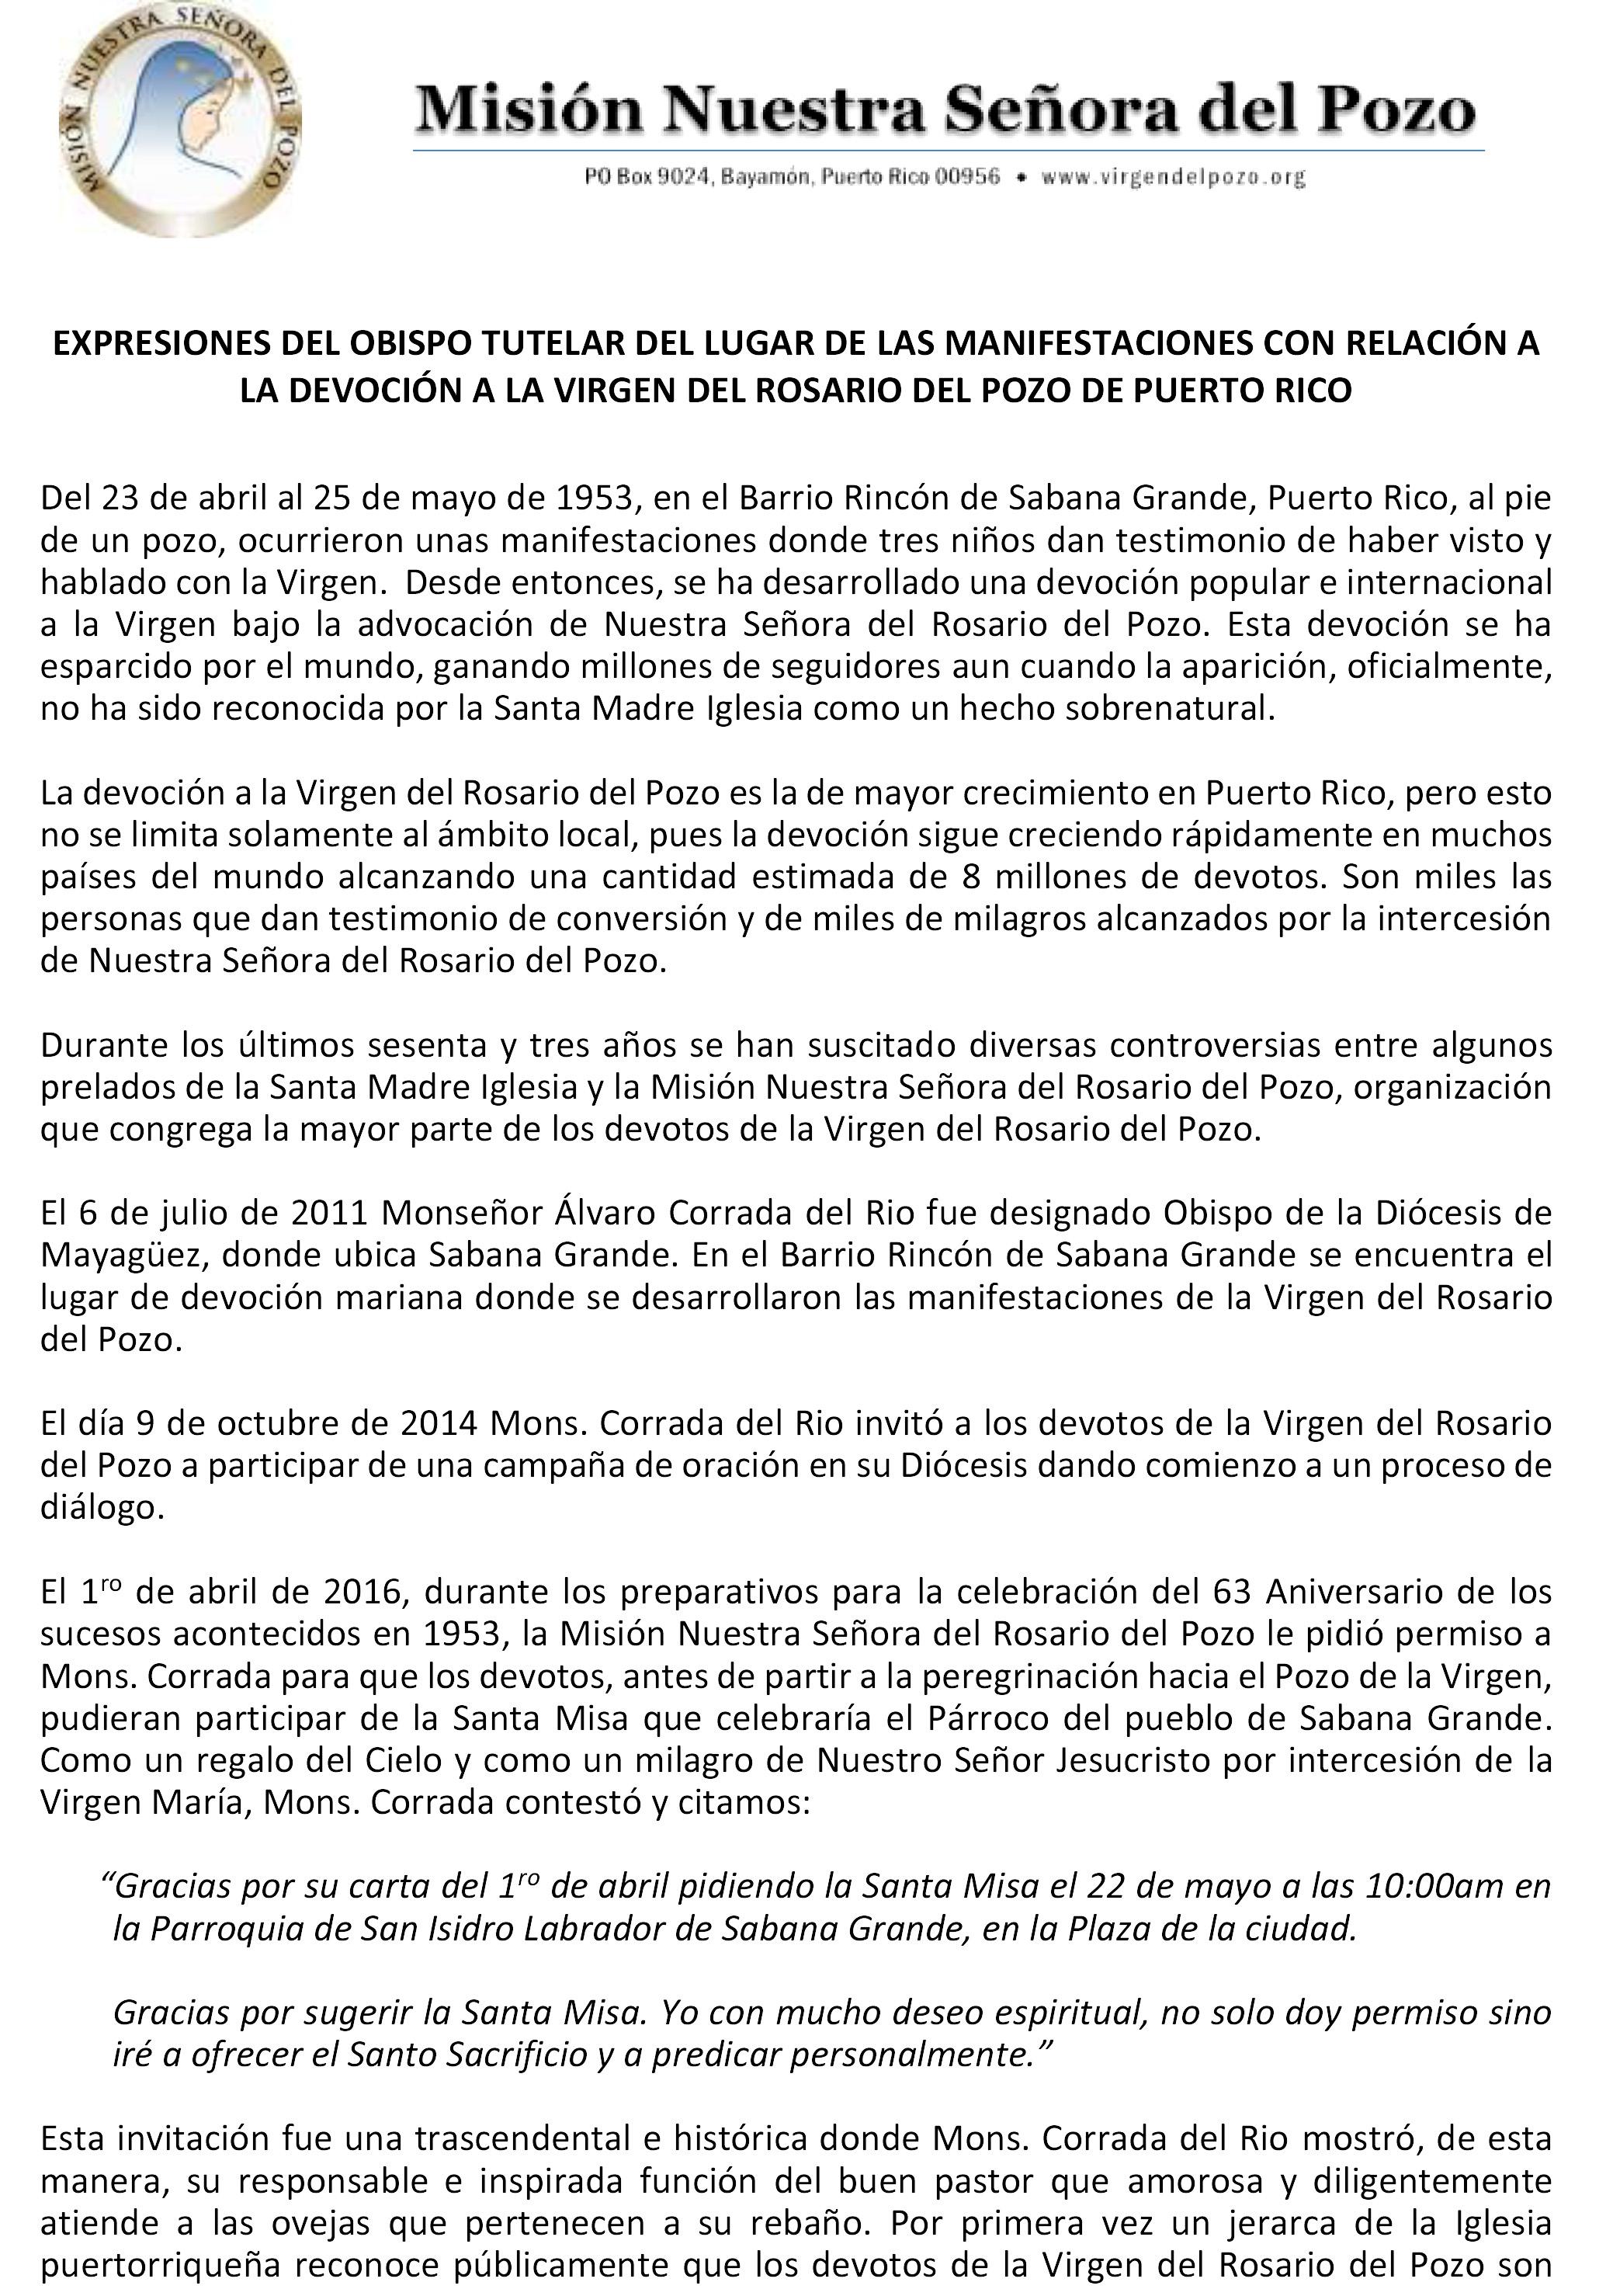 2POSICION ACTUAL OBISPO MAYAGUEZ - CARTA PARA MEDIOS -  7-4-16 final-1